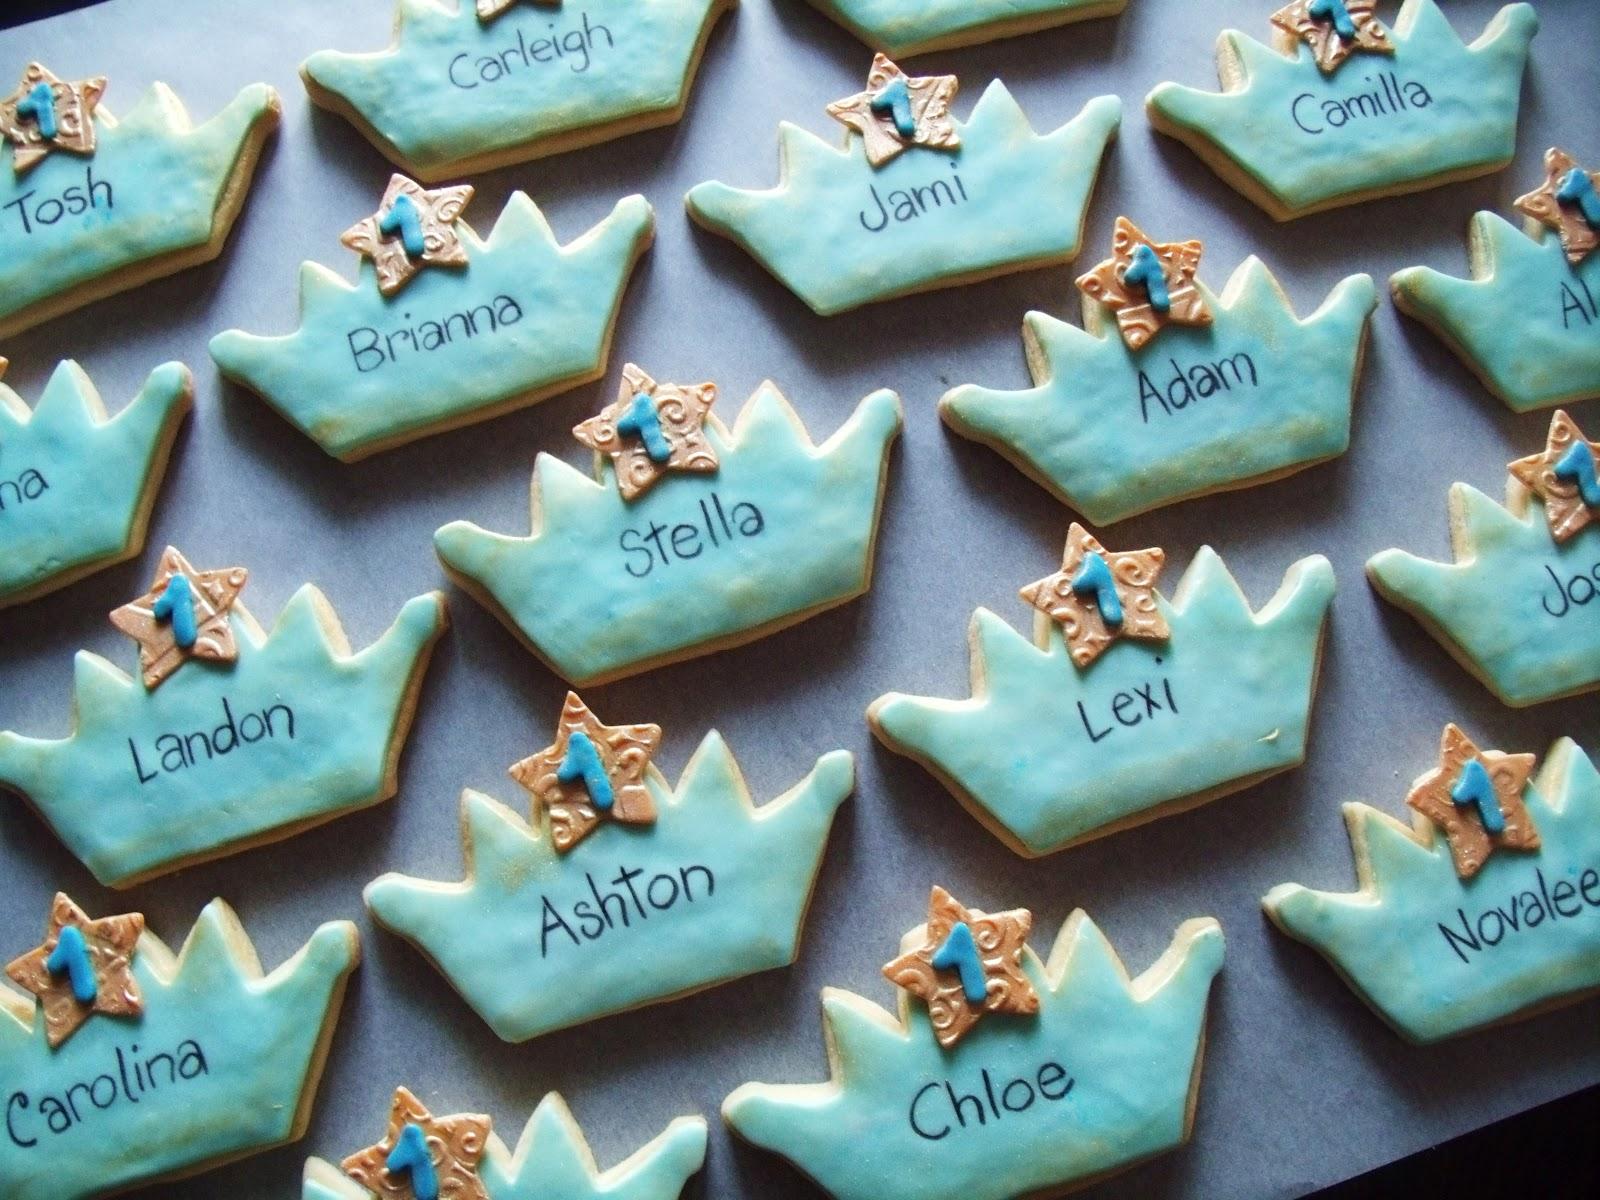 GEDC3317 birthday cakes to chennai 7 on birthday cakes to chennai